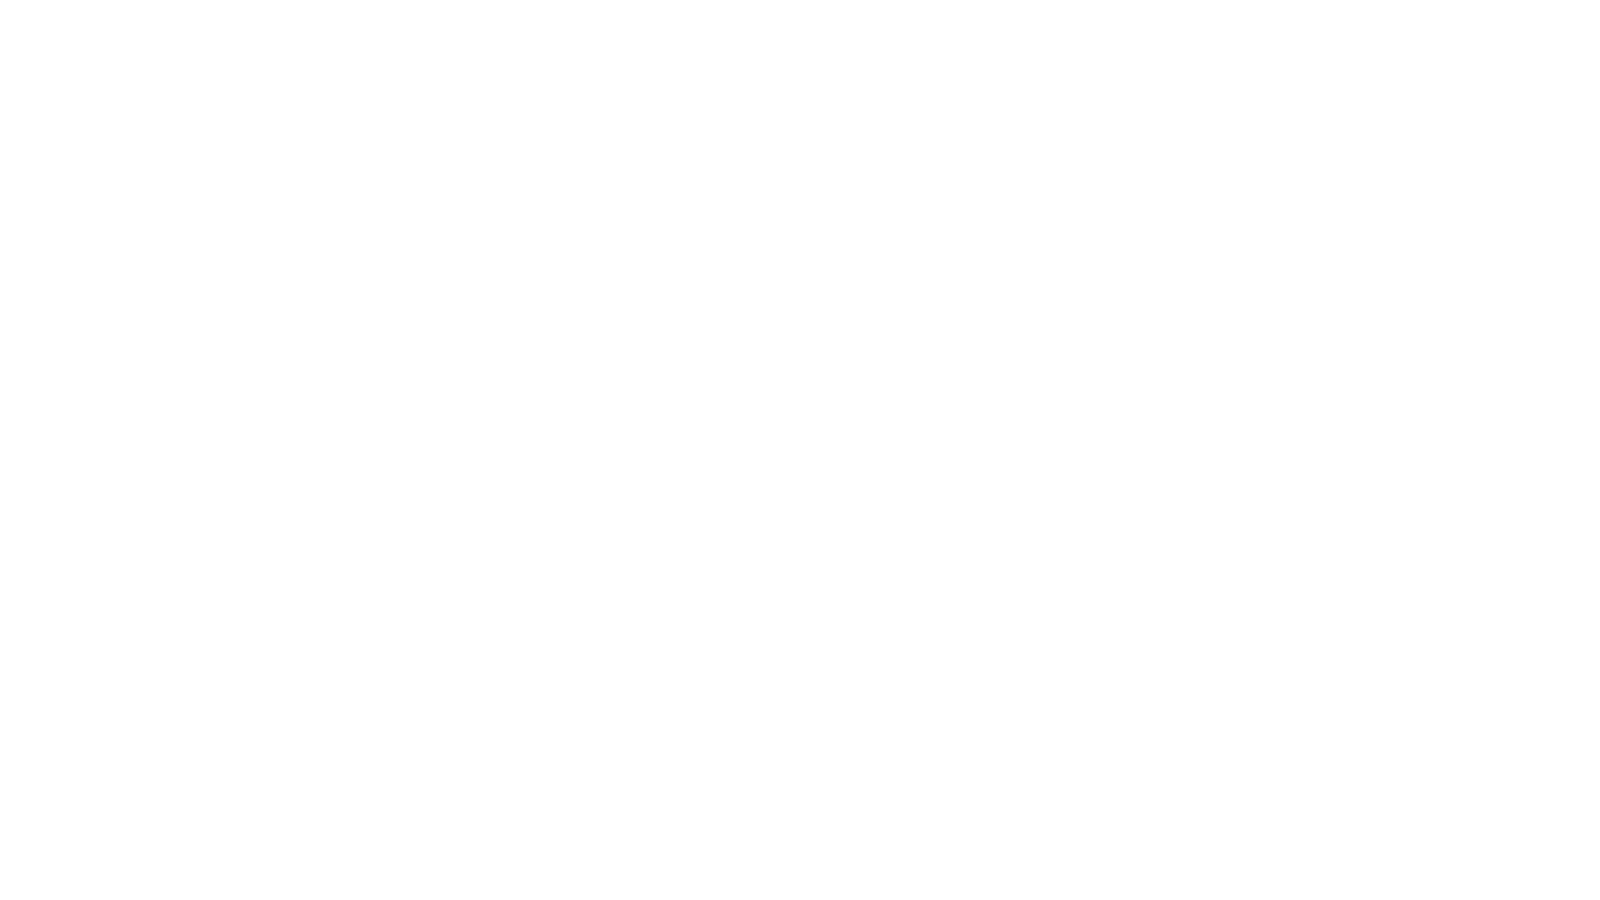 Se il video ti piace metti un like . Ricetta completa: http://bit.ly/3t8X3iH . Ricette tipiche italiane. La Pizza carbonara è buona e veramente originale e super golosa!  Un'impasto base creato con farina Petra, pecorino Romano, uova, pepe e guanciale della famiglia Leopardi. La particolarità nel procedimento. La base lo si stende, al centro dell'impasto, per non farlo gonfiare, si mettono due cubetti di ghiaccio. Una volta cotta la base si cosparge abbondante pecorino ed ancora qualche minuto in forno. Si creerà una crema, poi si adagia su il guanciale precedentemente cotto in padella. Successivamente irrorate con la crema di rosso d'uovo e Parmigiano. Abbondante pepe, filo d'olio e buon appetito. Qui trovate anche la video ricetta completa. Le dosi dell'impasto sono per 3 teglie da 26 cm. diam. l'uno. Lasciati ispirare da questa ricetta e condividi sui social il risultato finale taggando @ilgustodiandre . Buon divertimento!!!